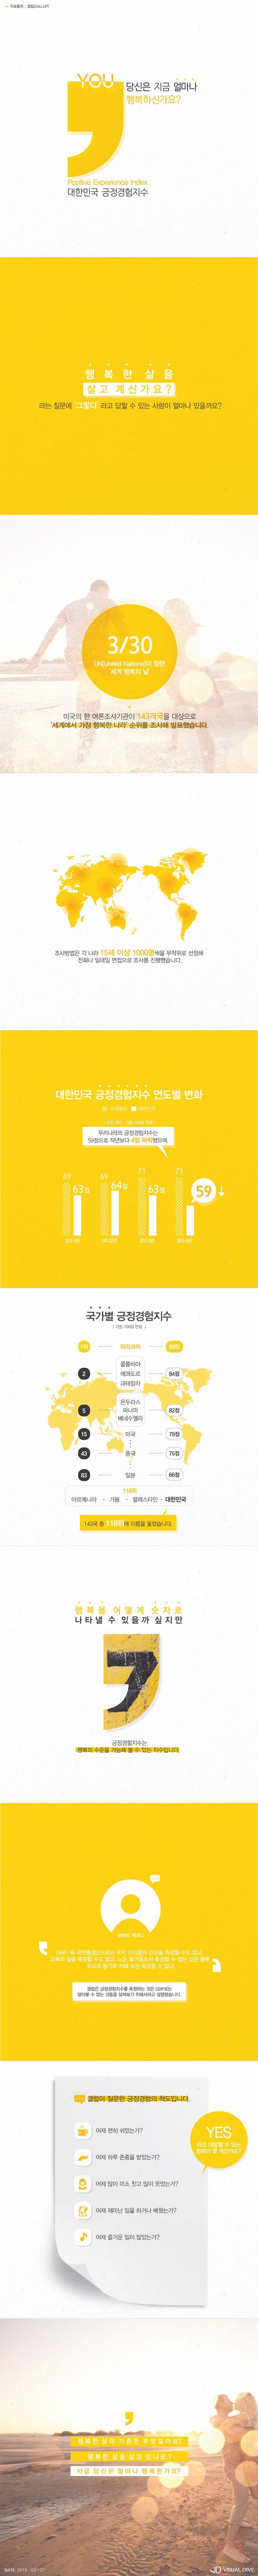 한국인 행복지수, 세계 최하위 수준 '143개국 중 118위' [인포그래픽] #happiness exponent / #Infographic ⓒ 비주얼다이브 무단 복사·전재·재배포 금지